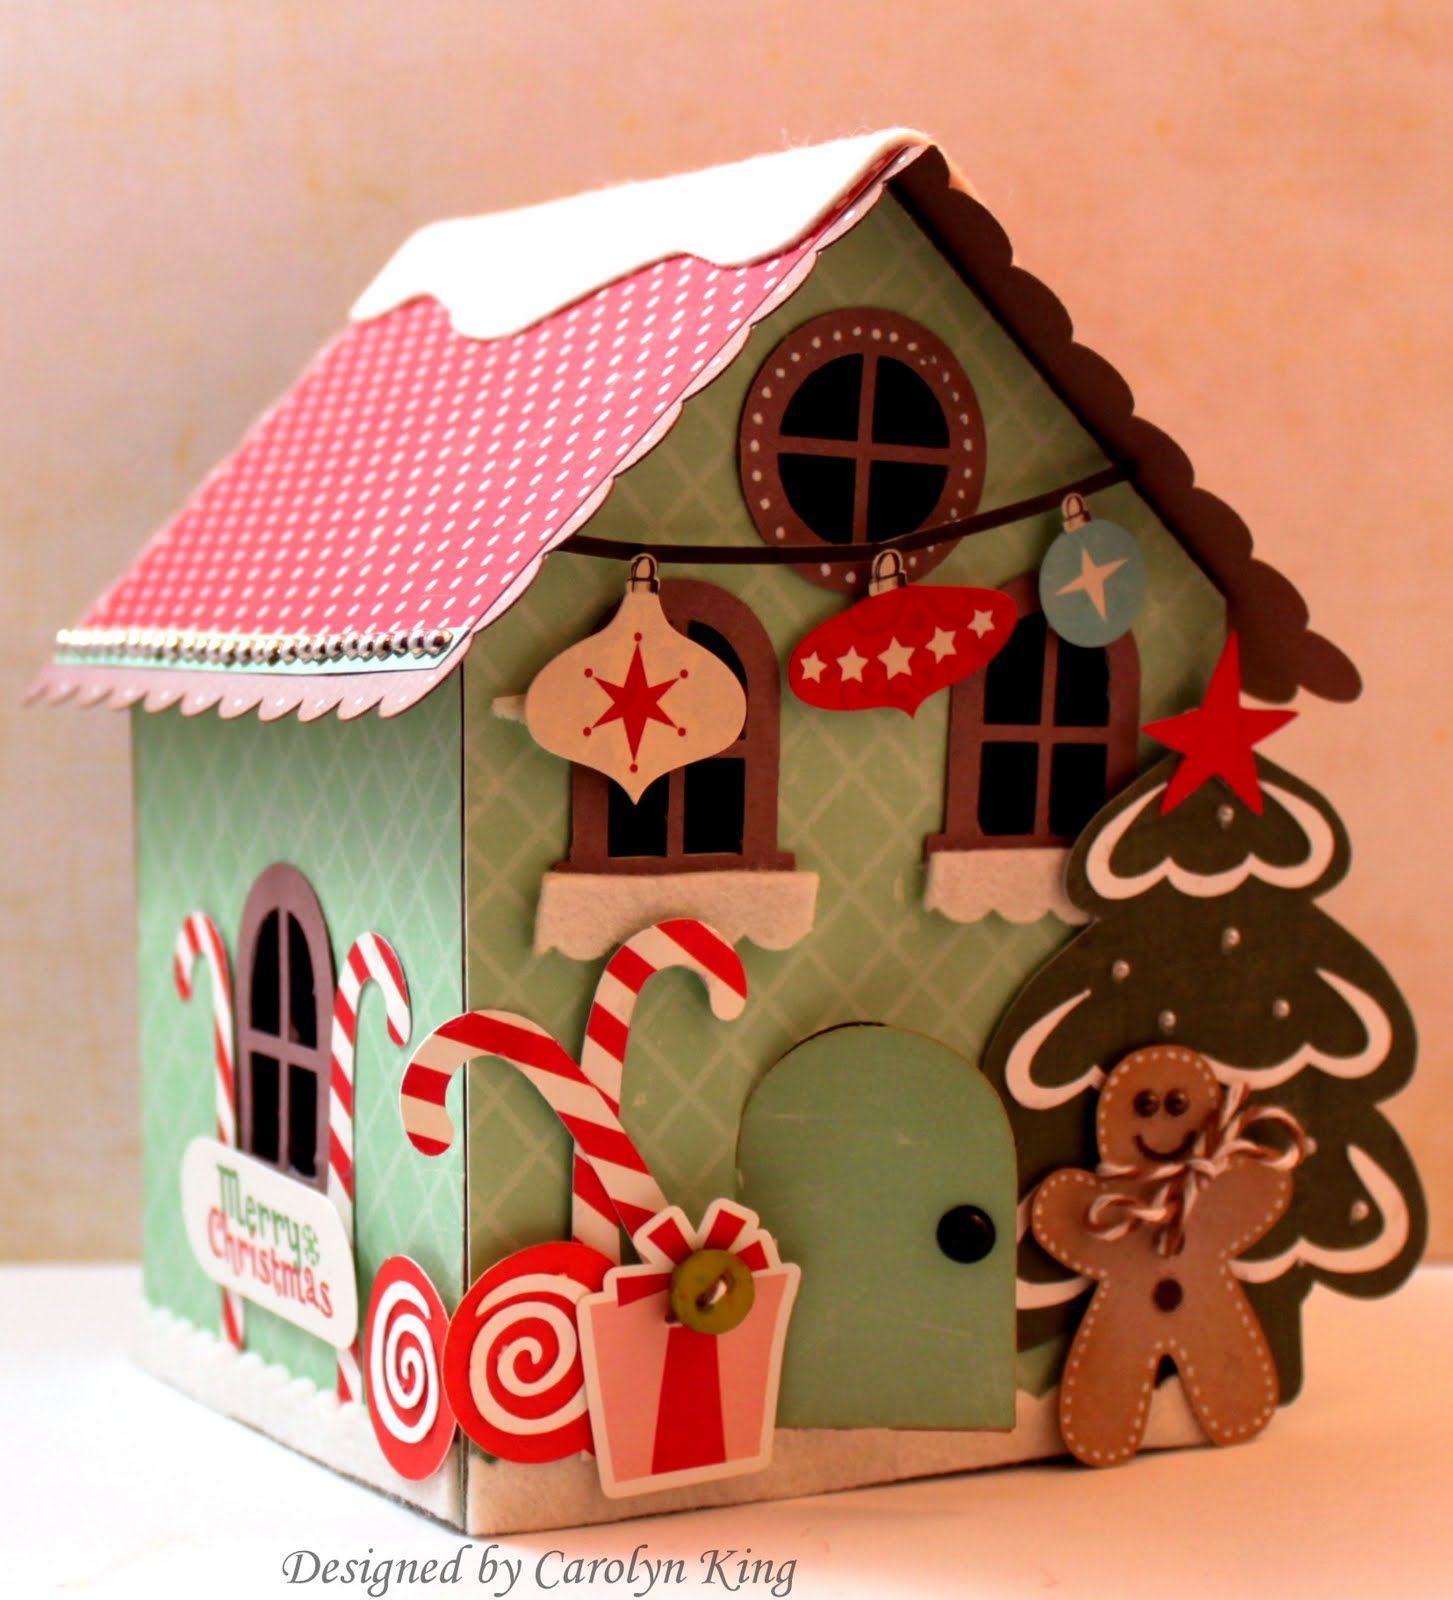 Gingerbread House Manualidades Navidenas Cosas De Navidad Escenografia Navidad